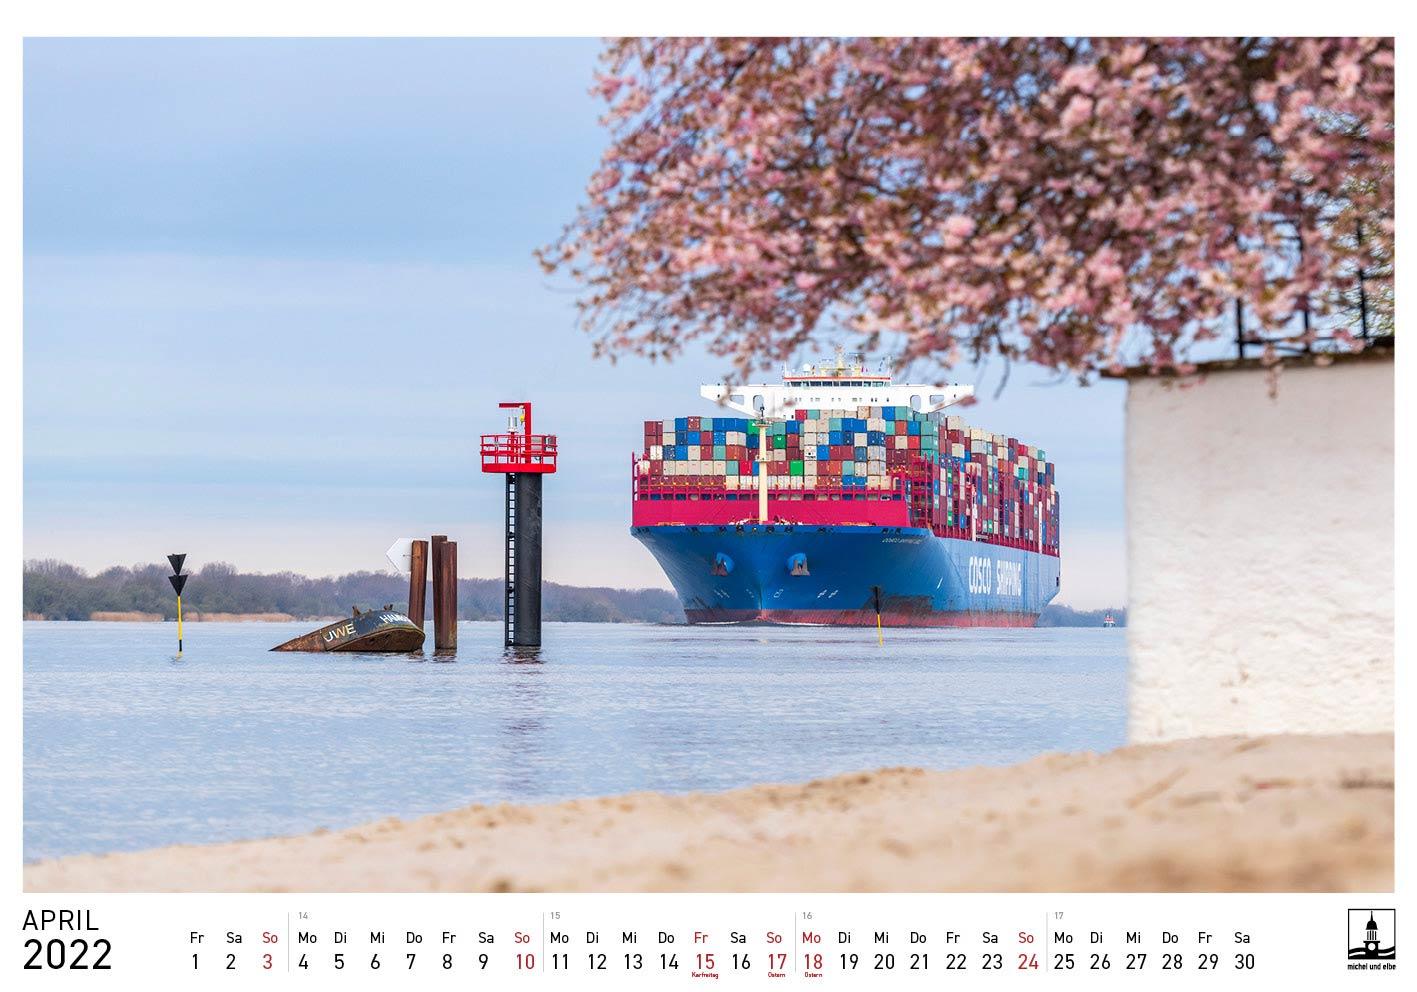 Hamburg-Kalender 2022 Farbe michel und elbe